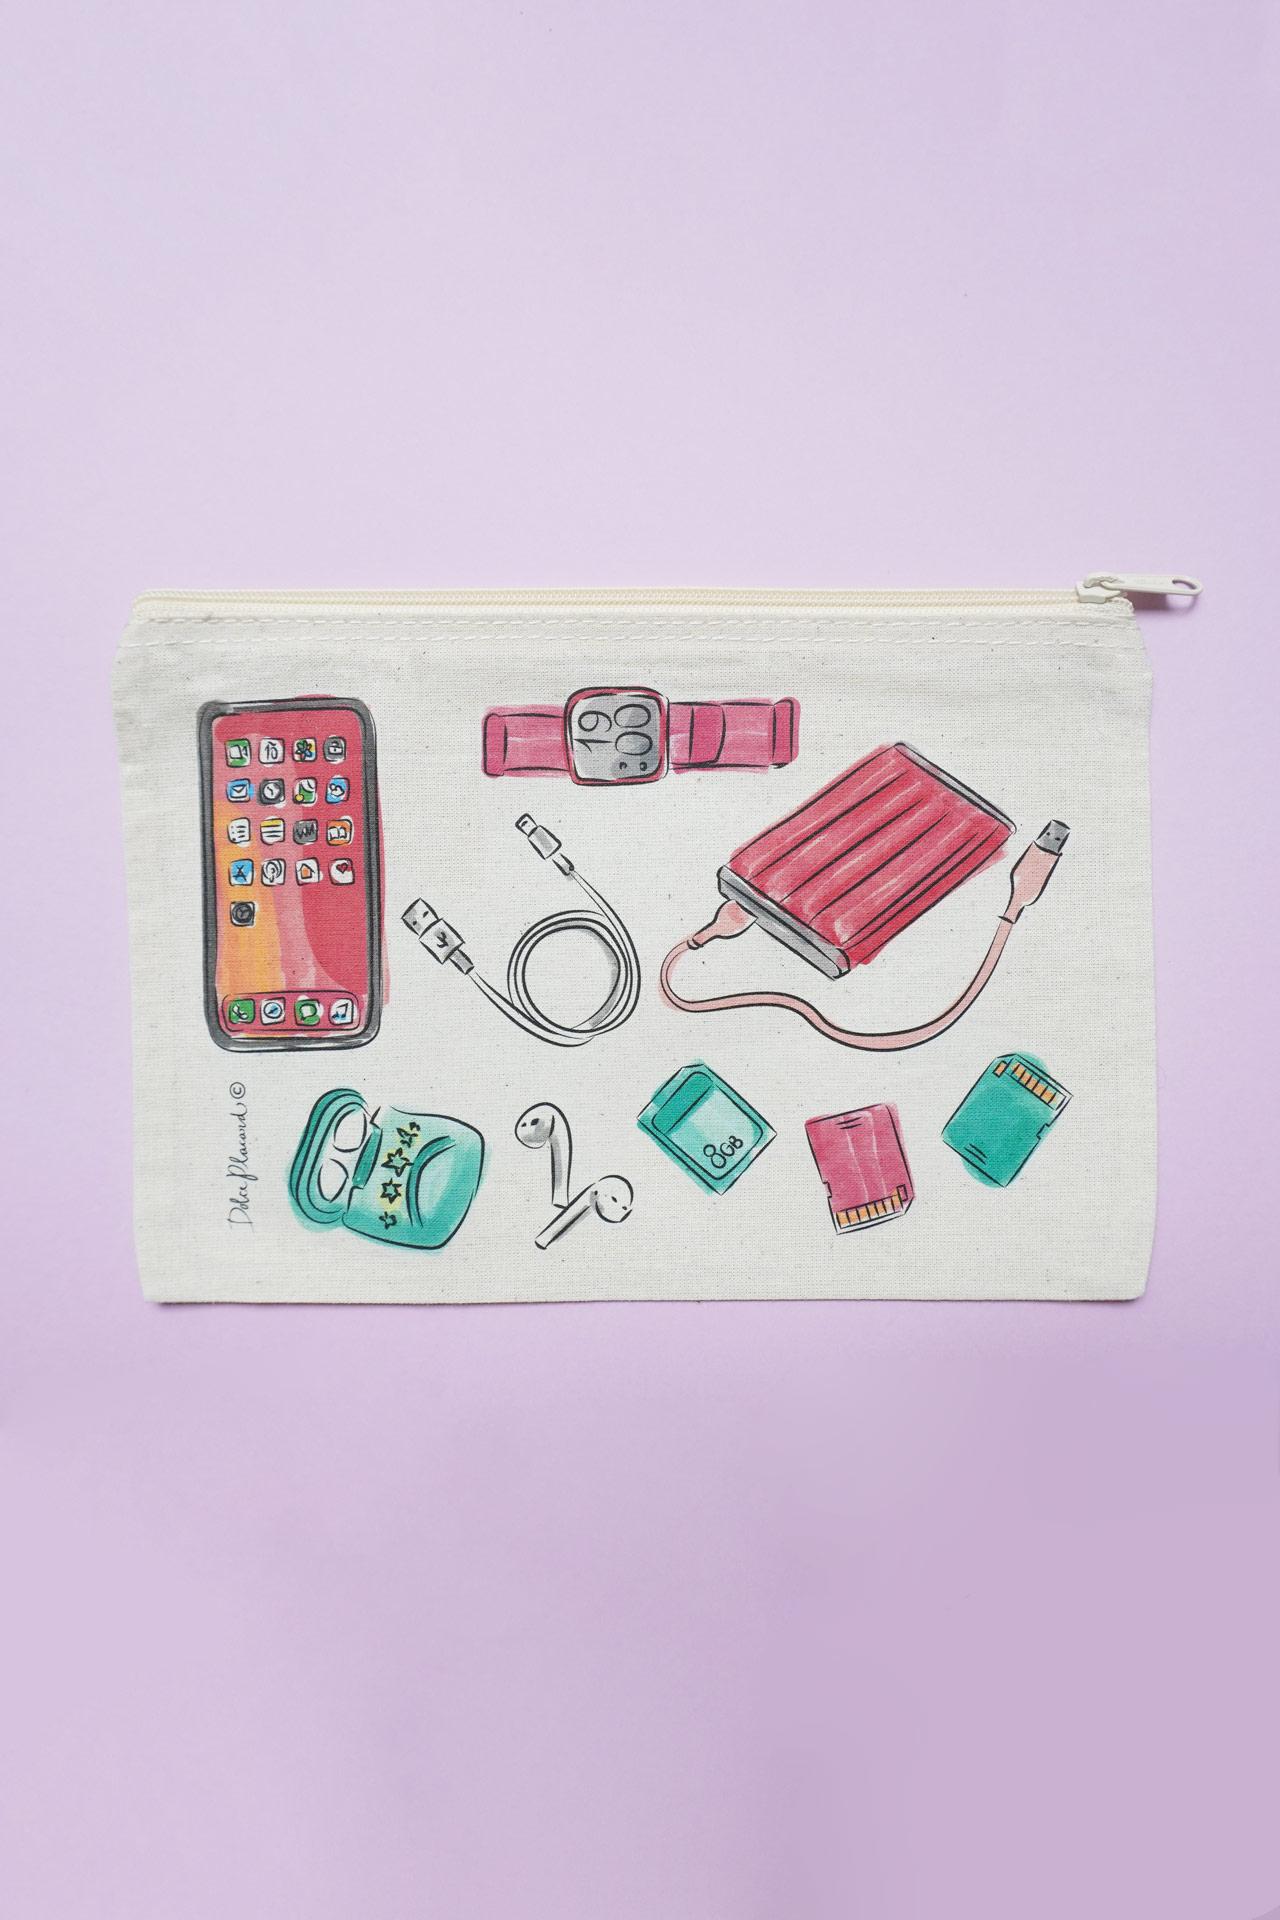 Neceser hecho especialmente para llevar tus accesorios tecnológicos de manera ordenada y segura.  Medidas: 22 cms alto x 15 cms ancho